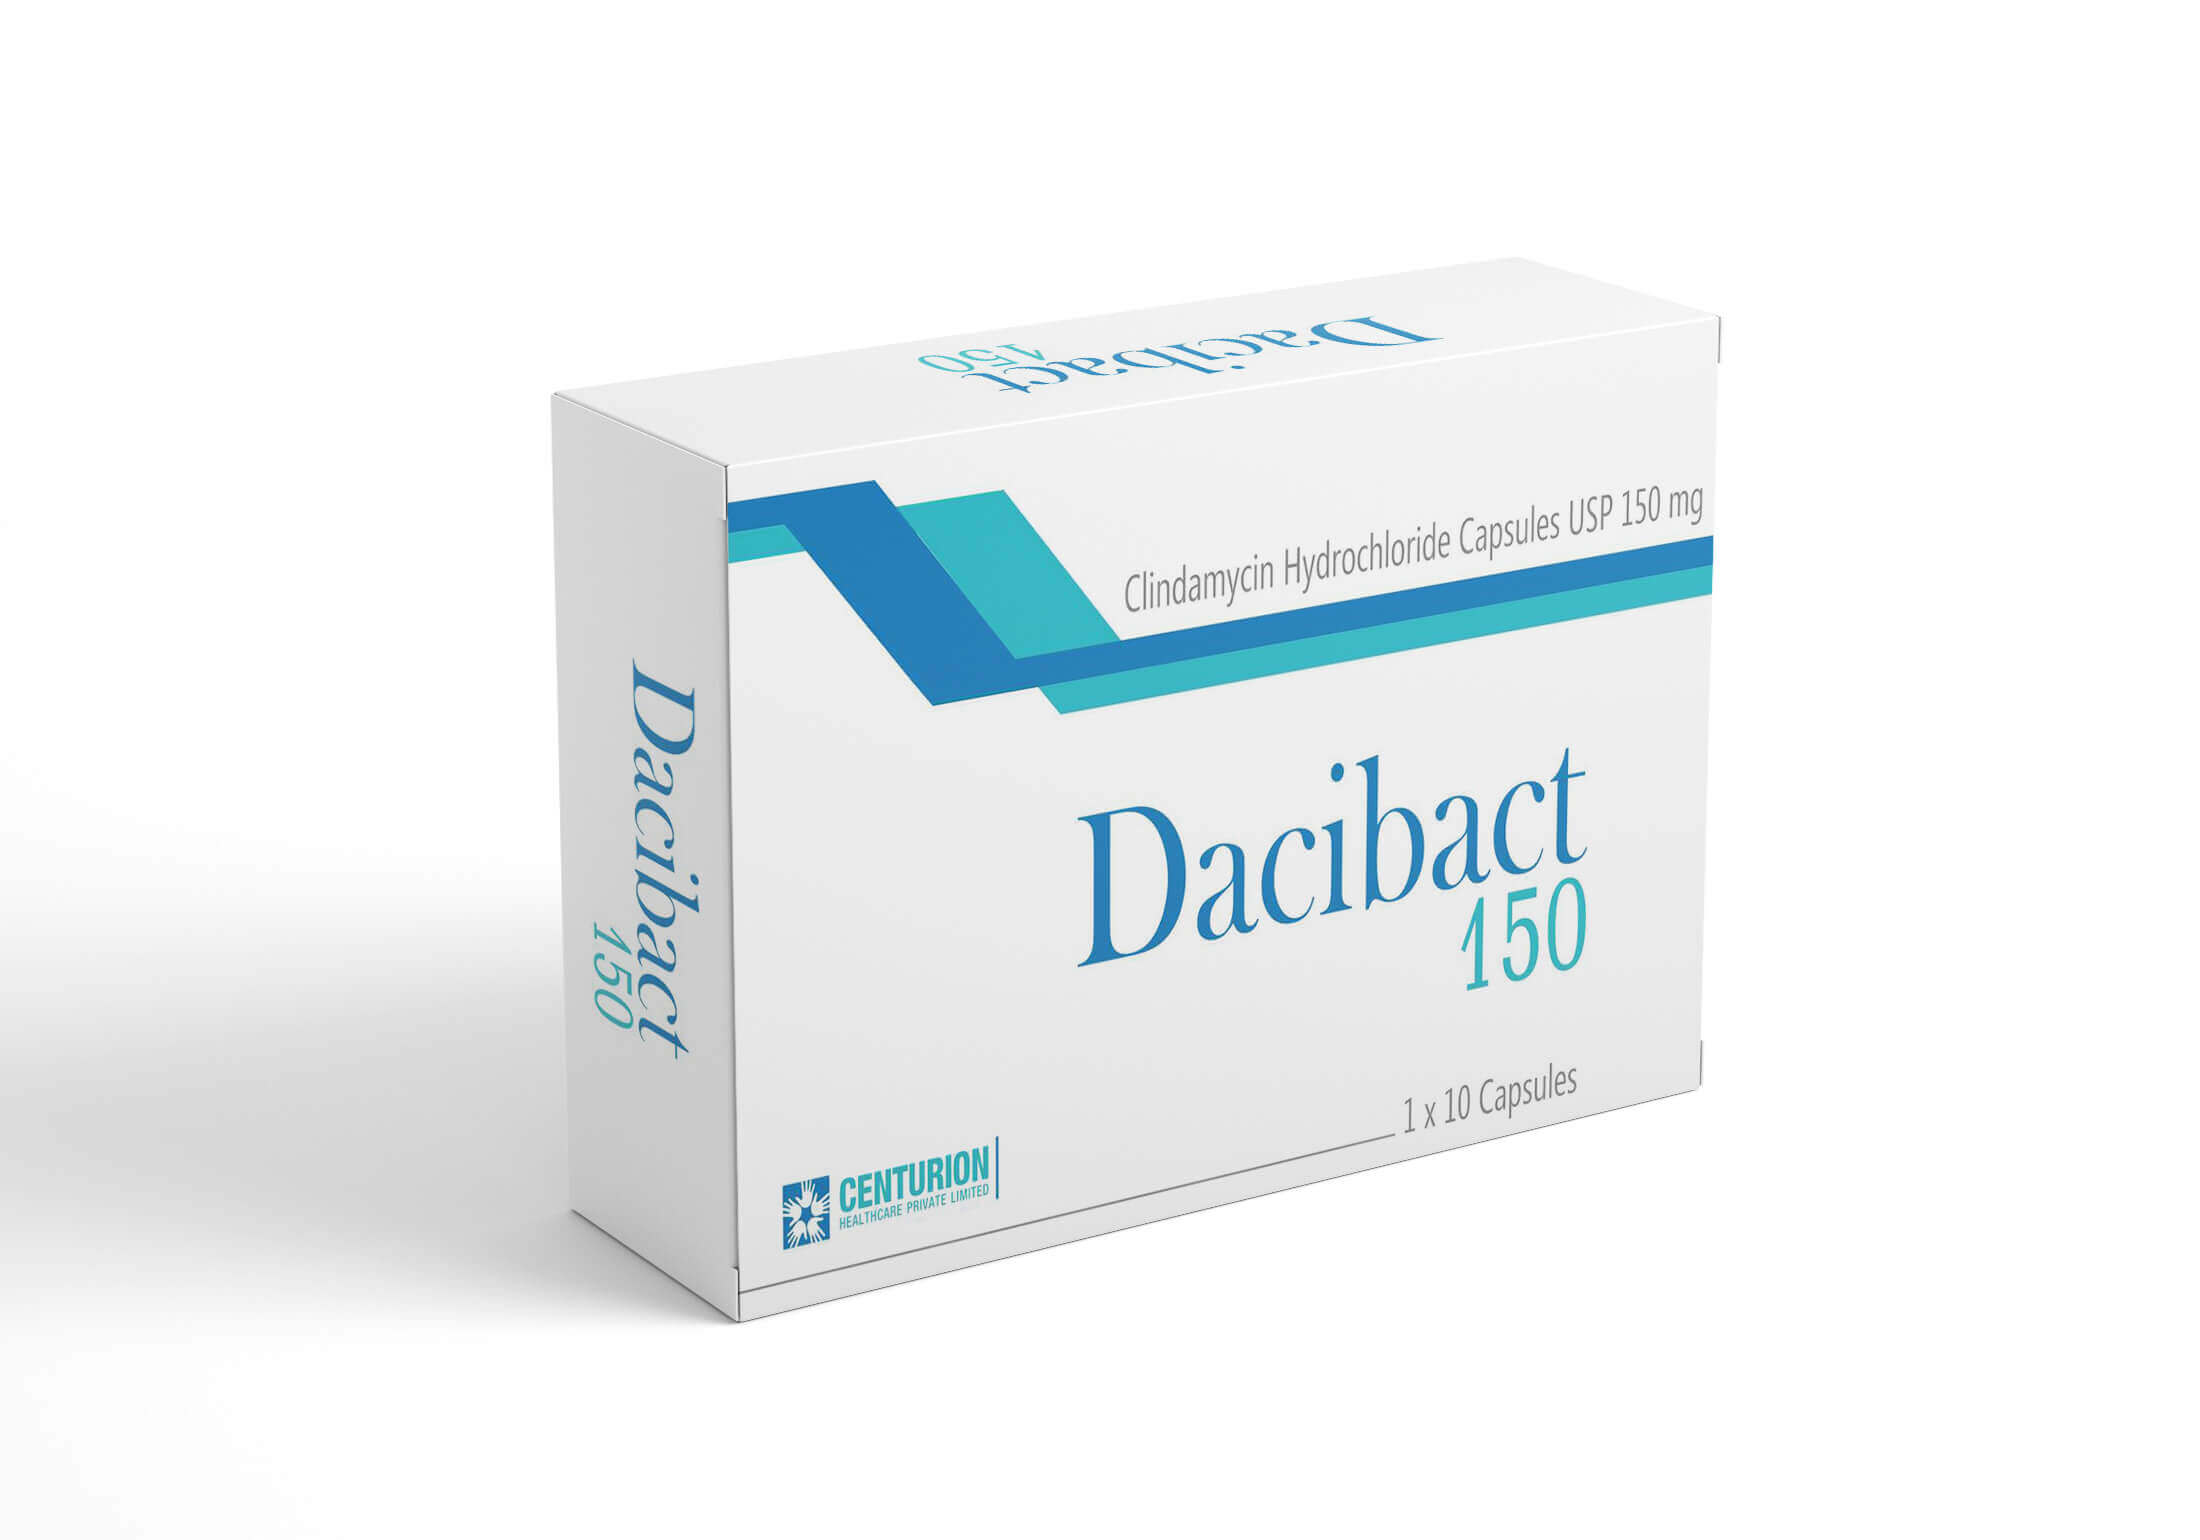 Dacibact 150